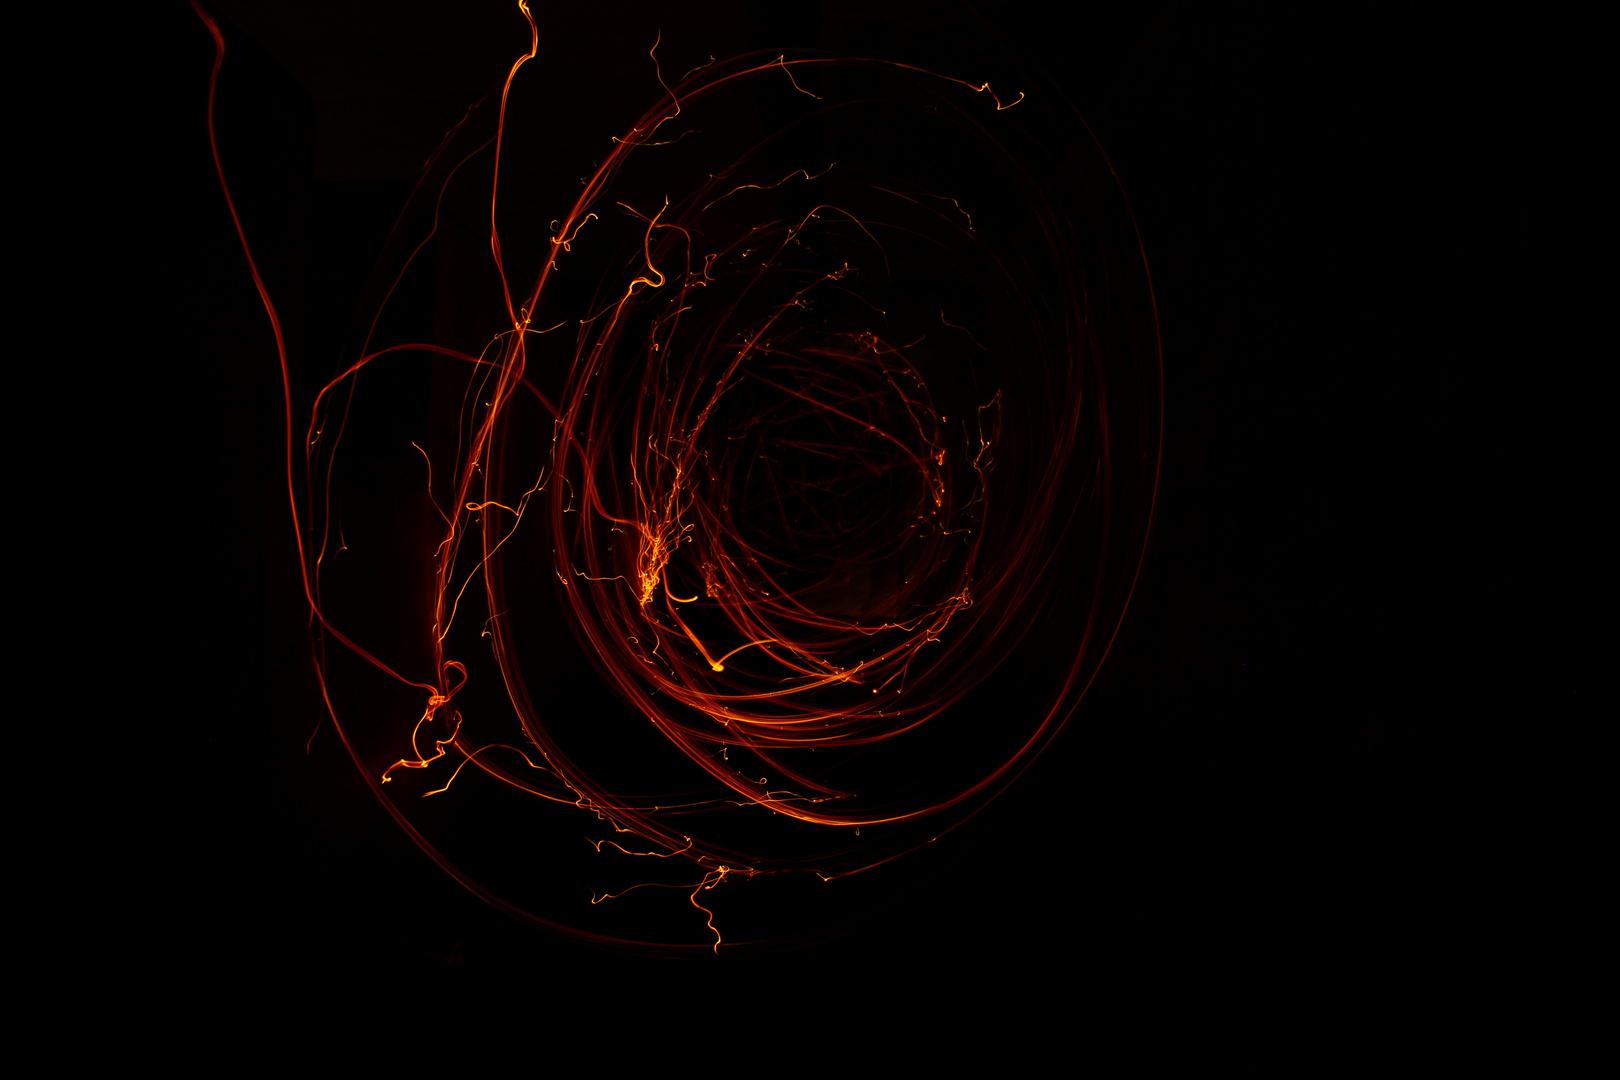 Feuerwürmchen